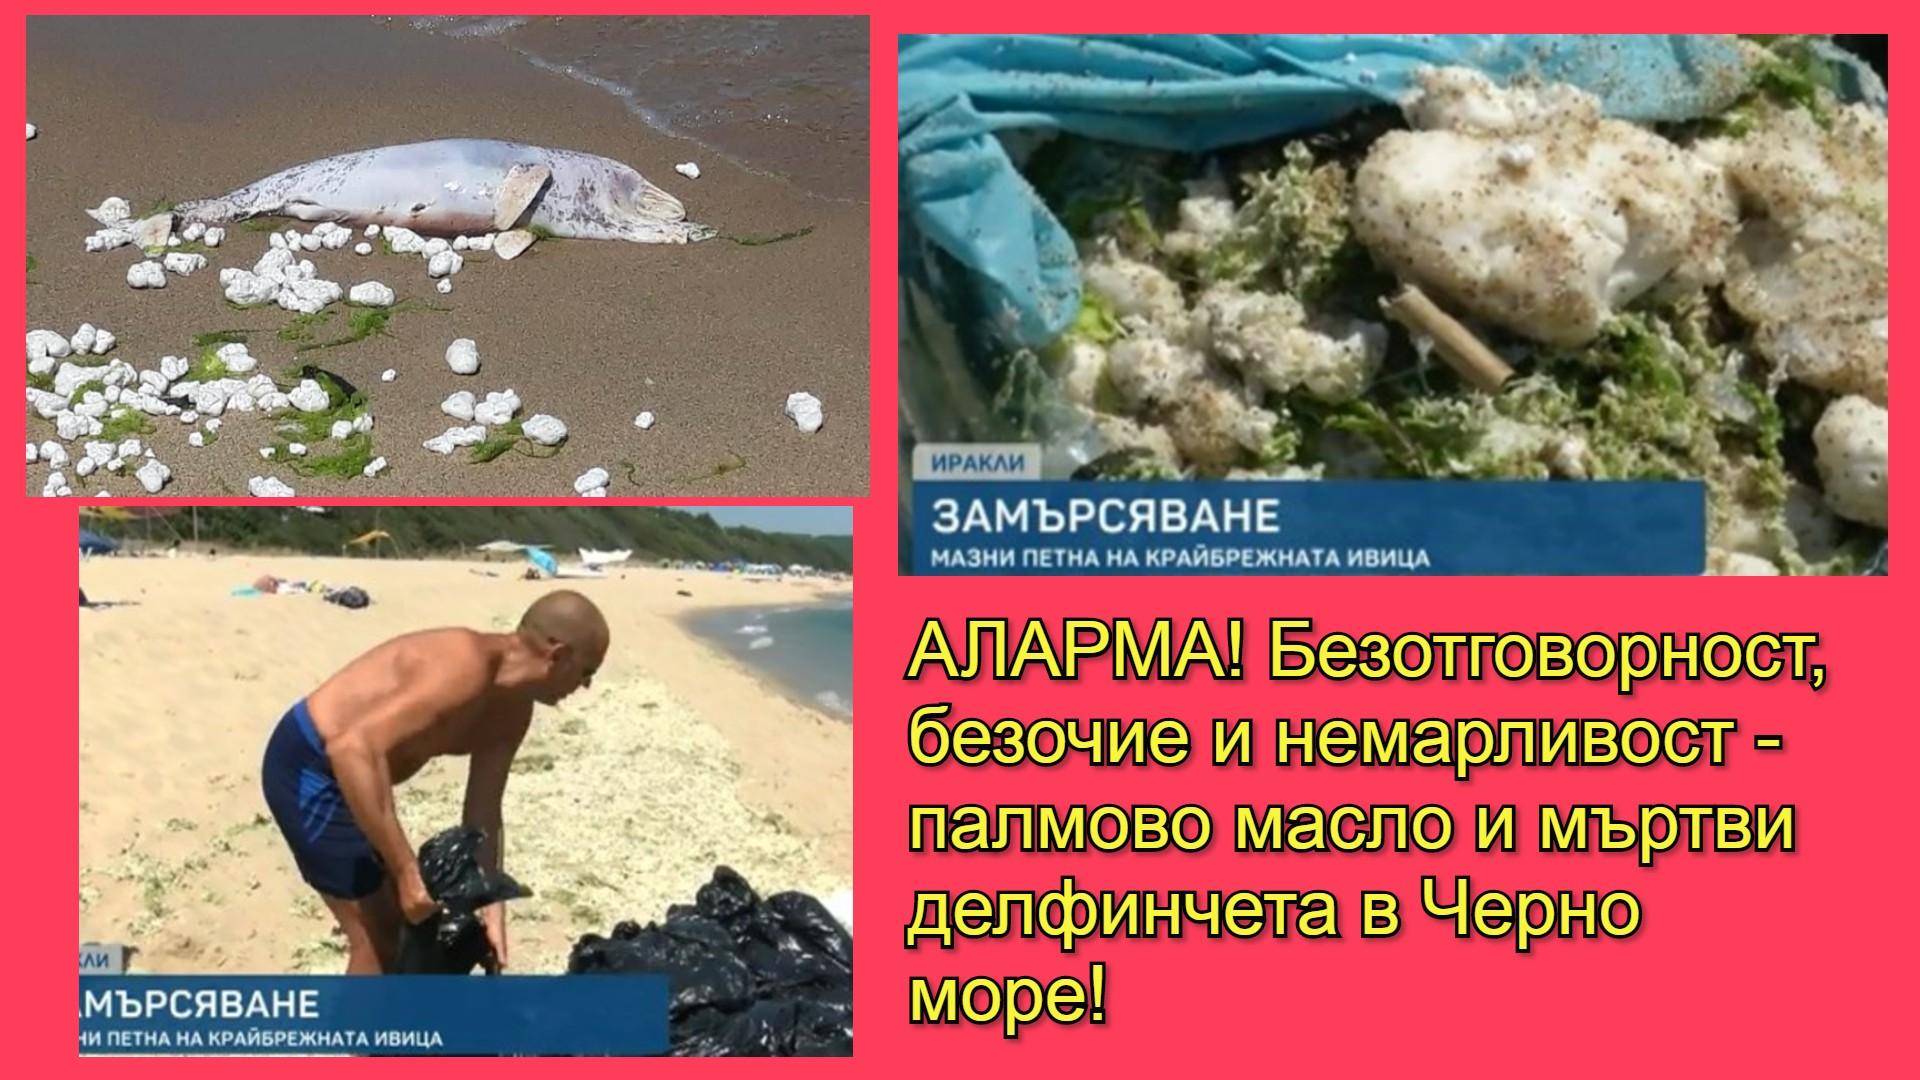 Незаконно изхвърляне палмово масло в Черно море и мъртви делфинчета. Кога властта ще излезе от ваканция?